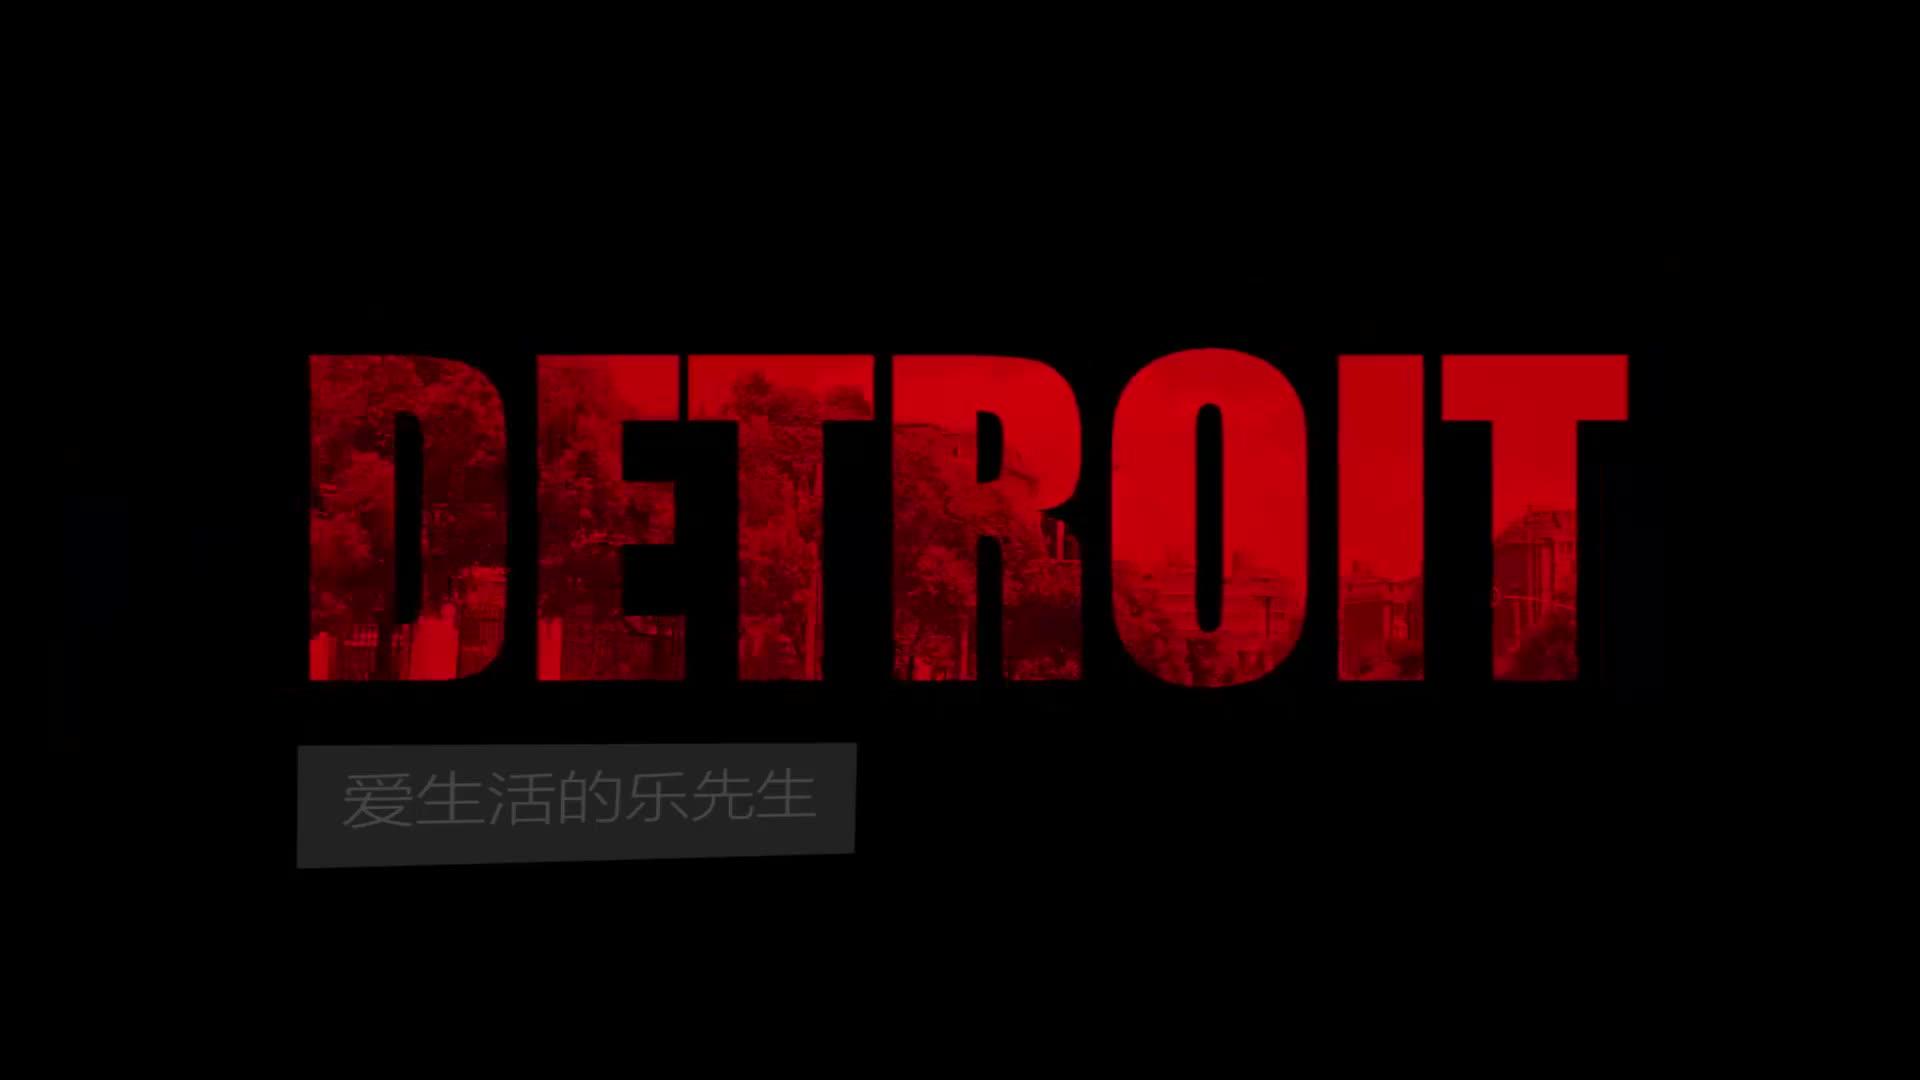 《底特律》电影预告片的动画标题效果制作